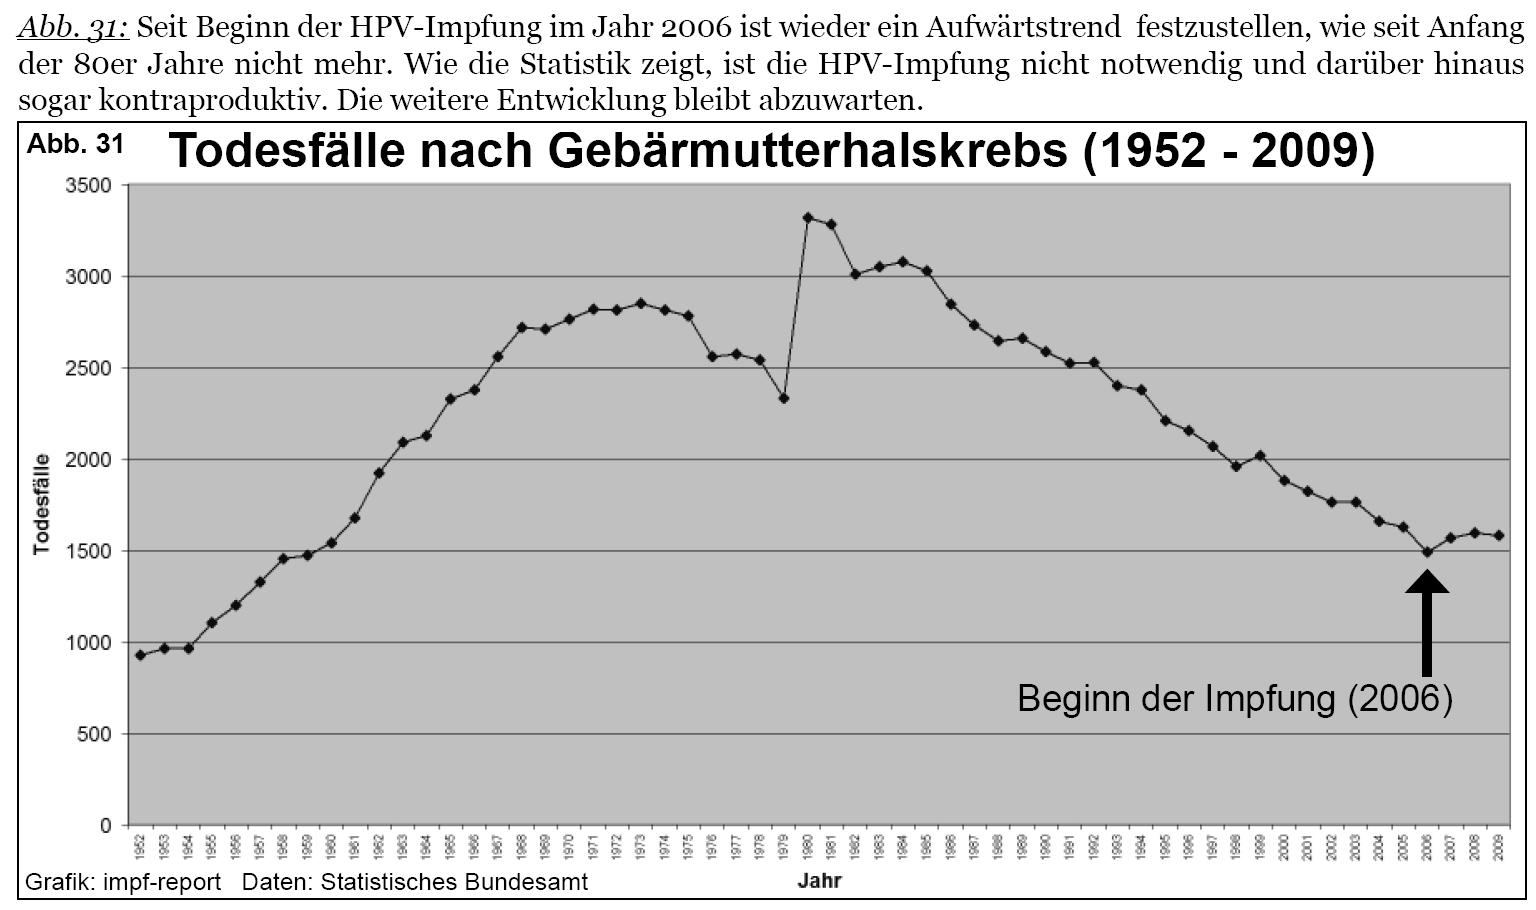 Hpv impfung risiko. Das Medikament Gardasil wurde von sanego-Benutzern wie folgt bewertet